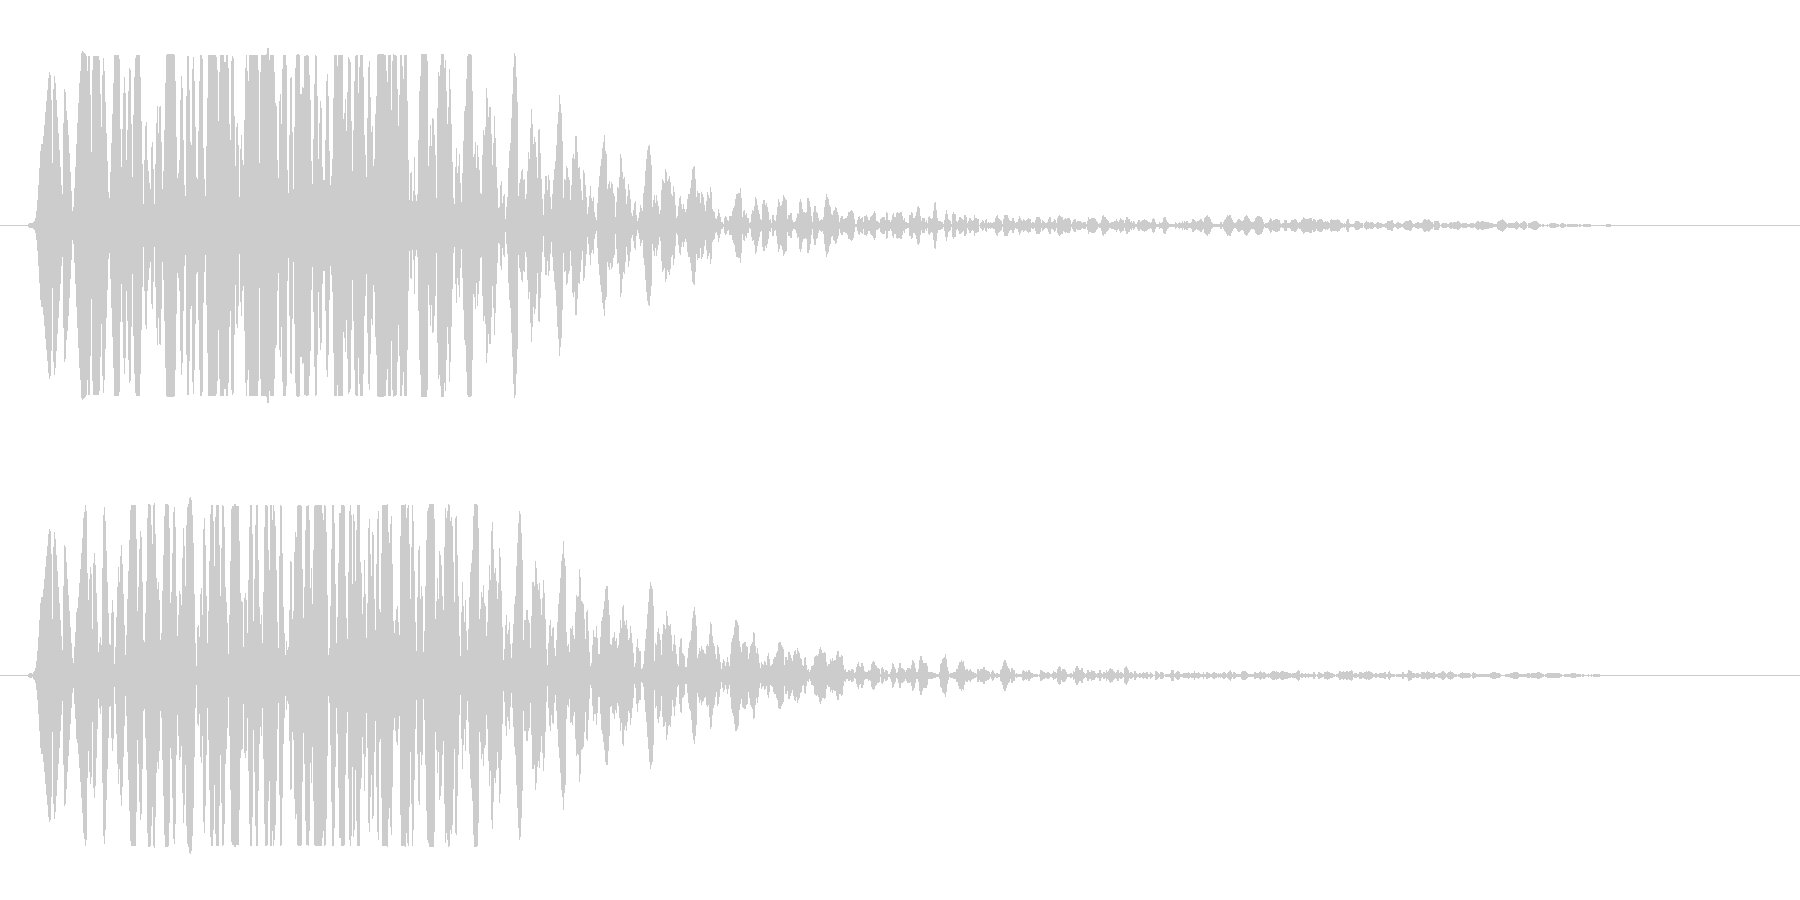 何かに弾かれたような音の未再生の波形